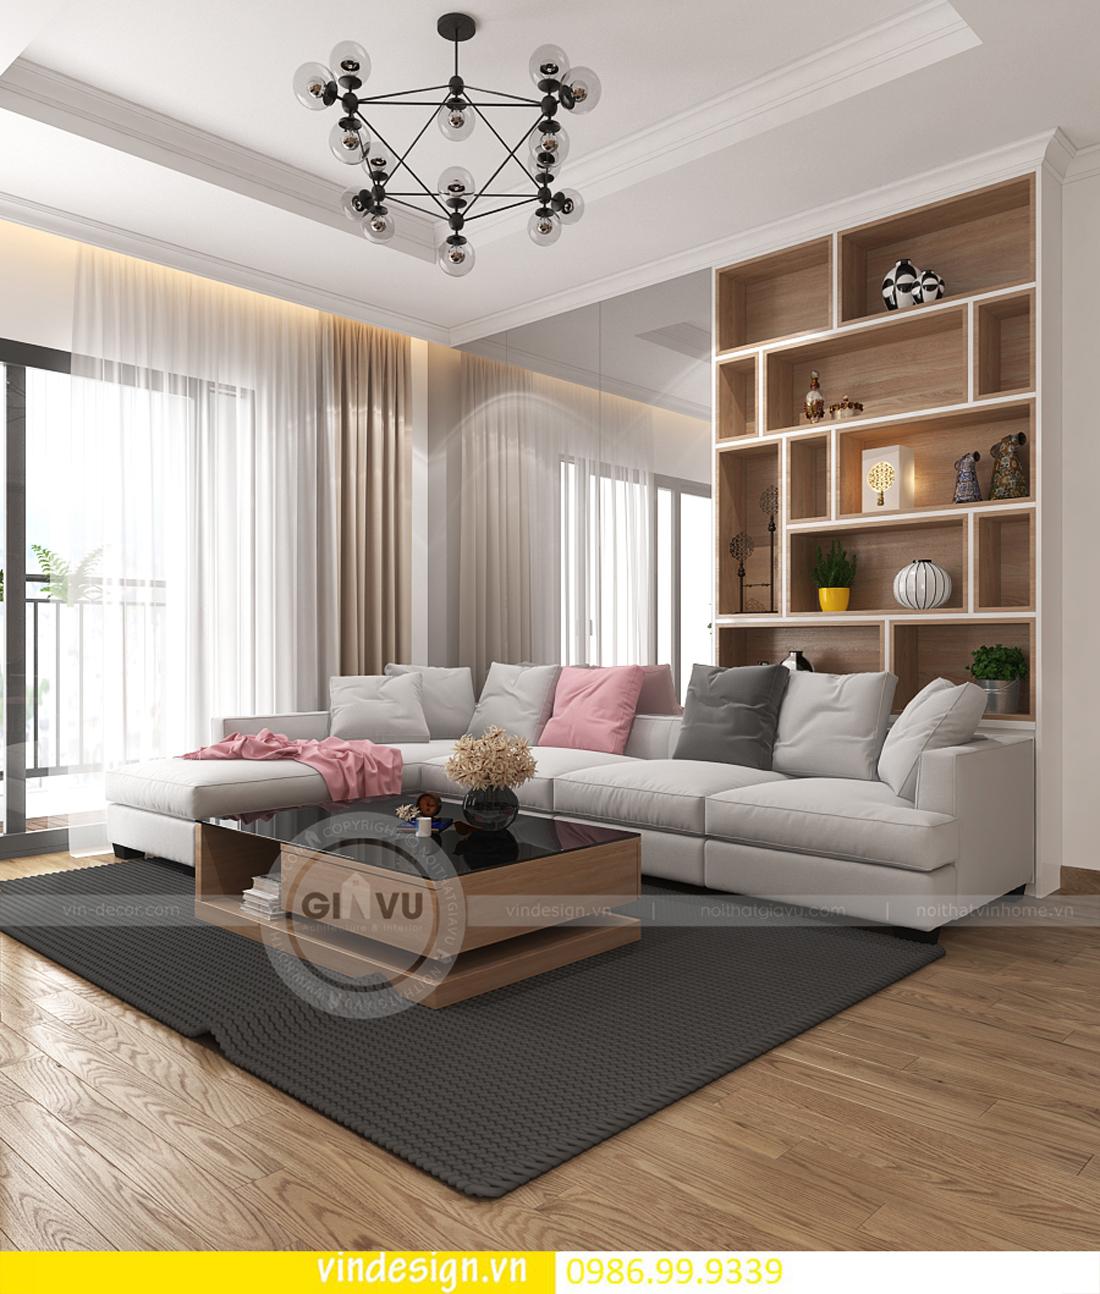 mẫu thiết kế nội thất D Capitale căn 3 phòng ngủ 01